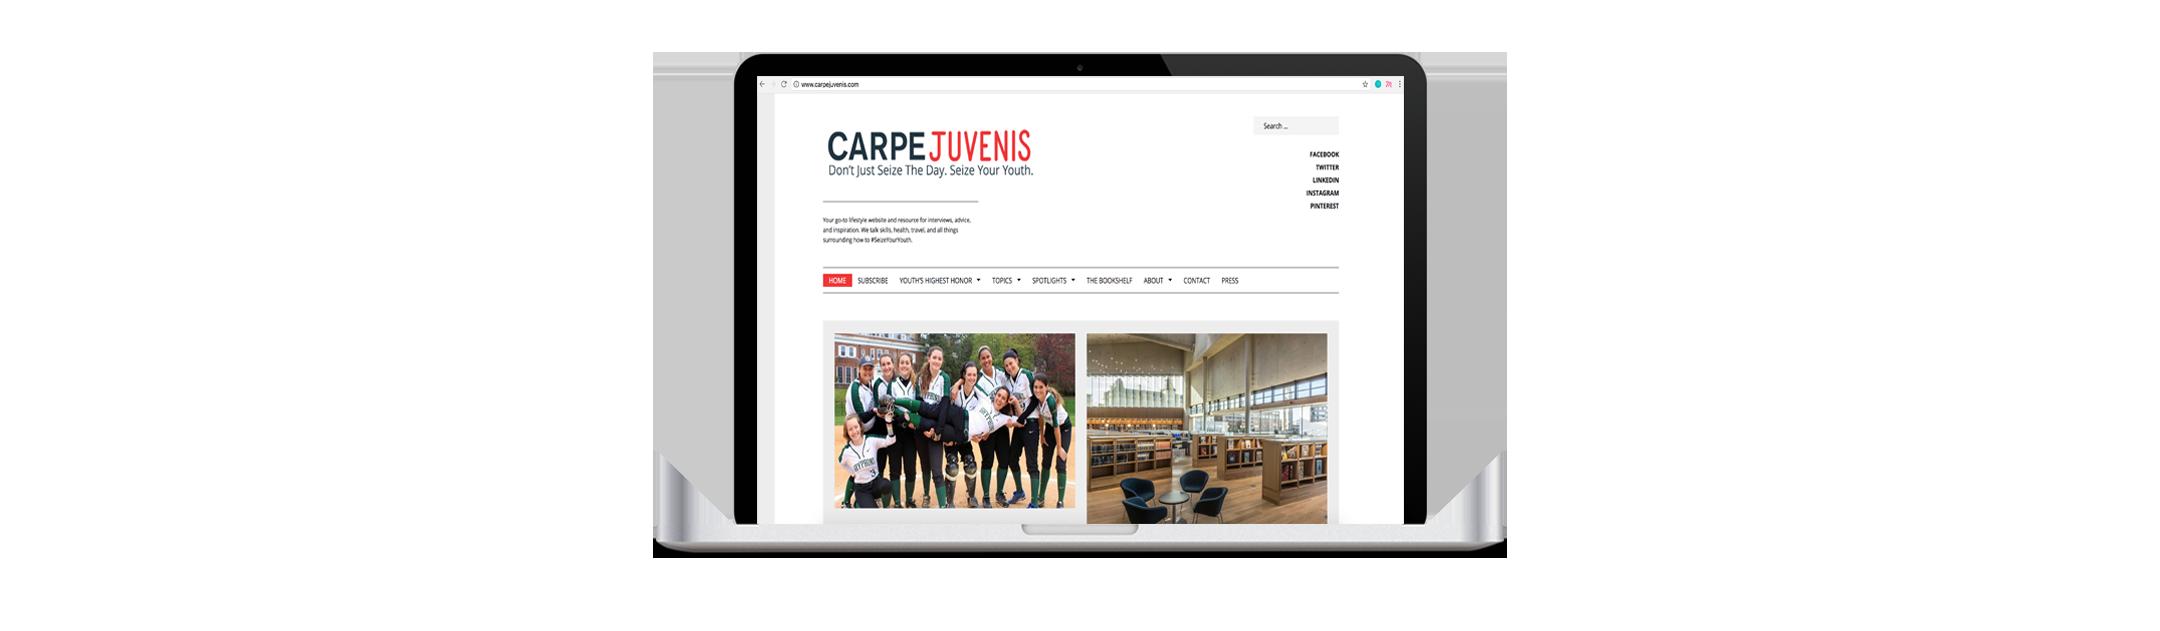 Carpe Juvenis Mockup.png